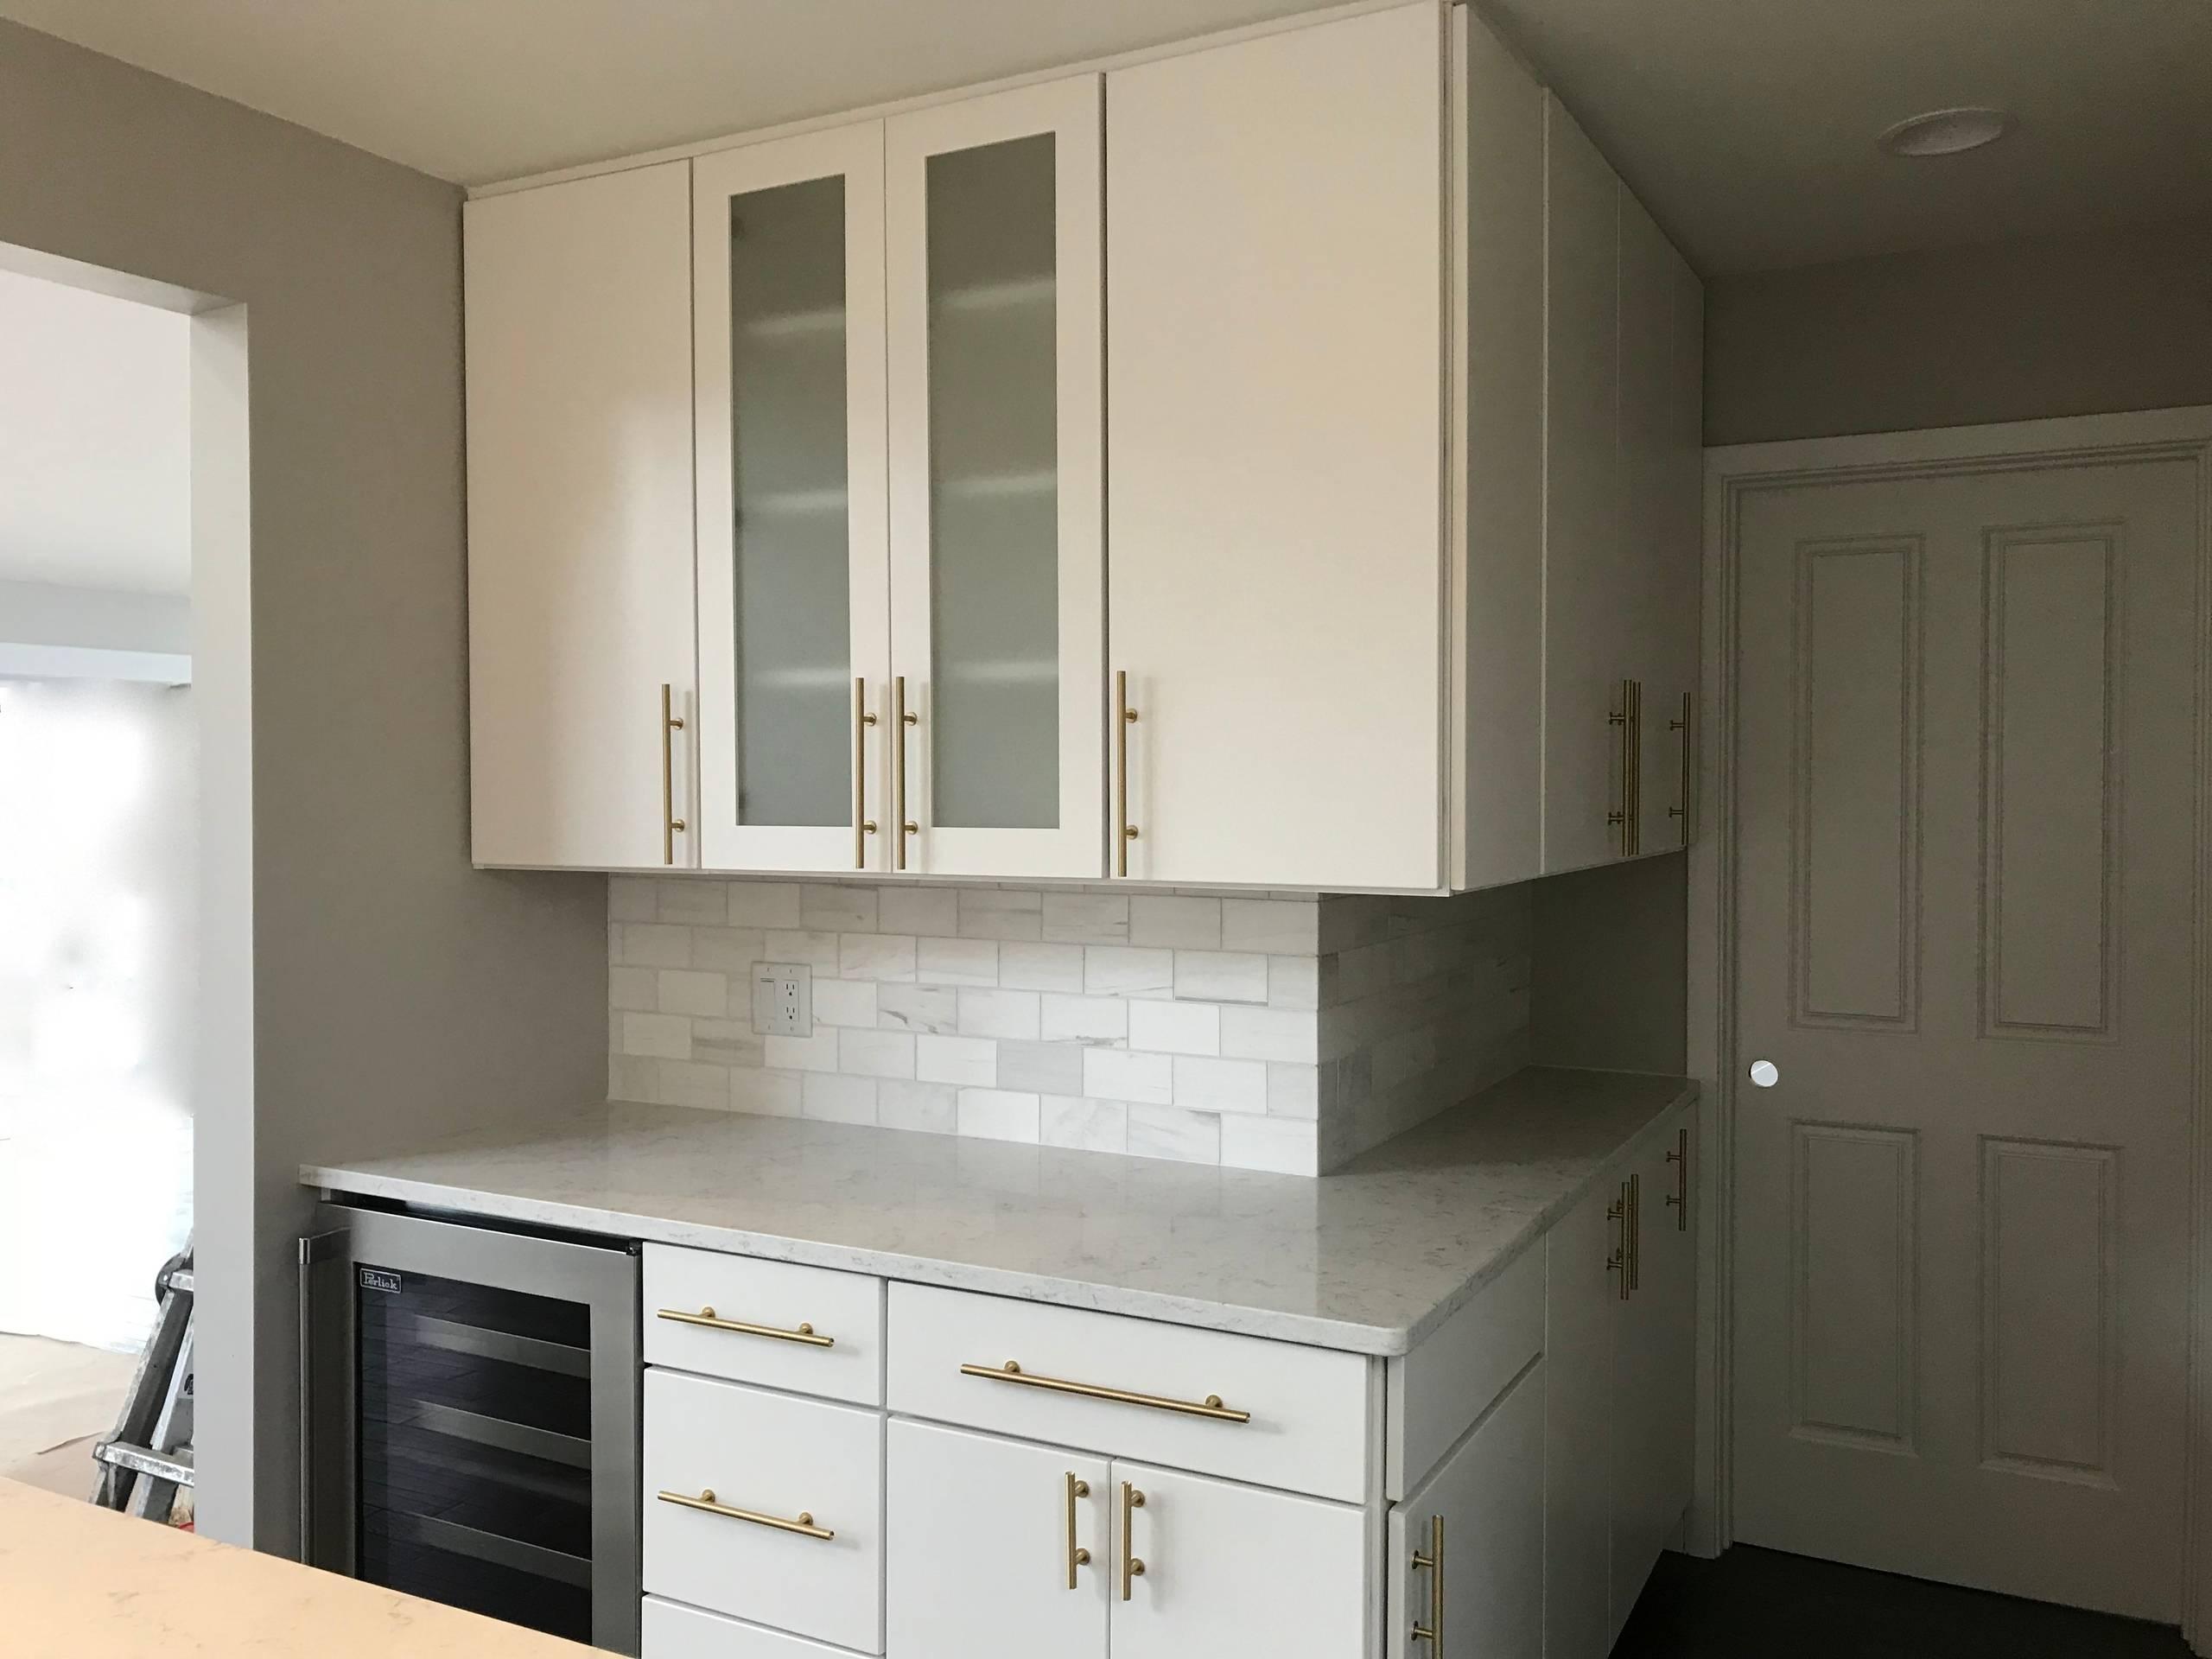 RiverView Blue island kitchen